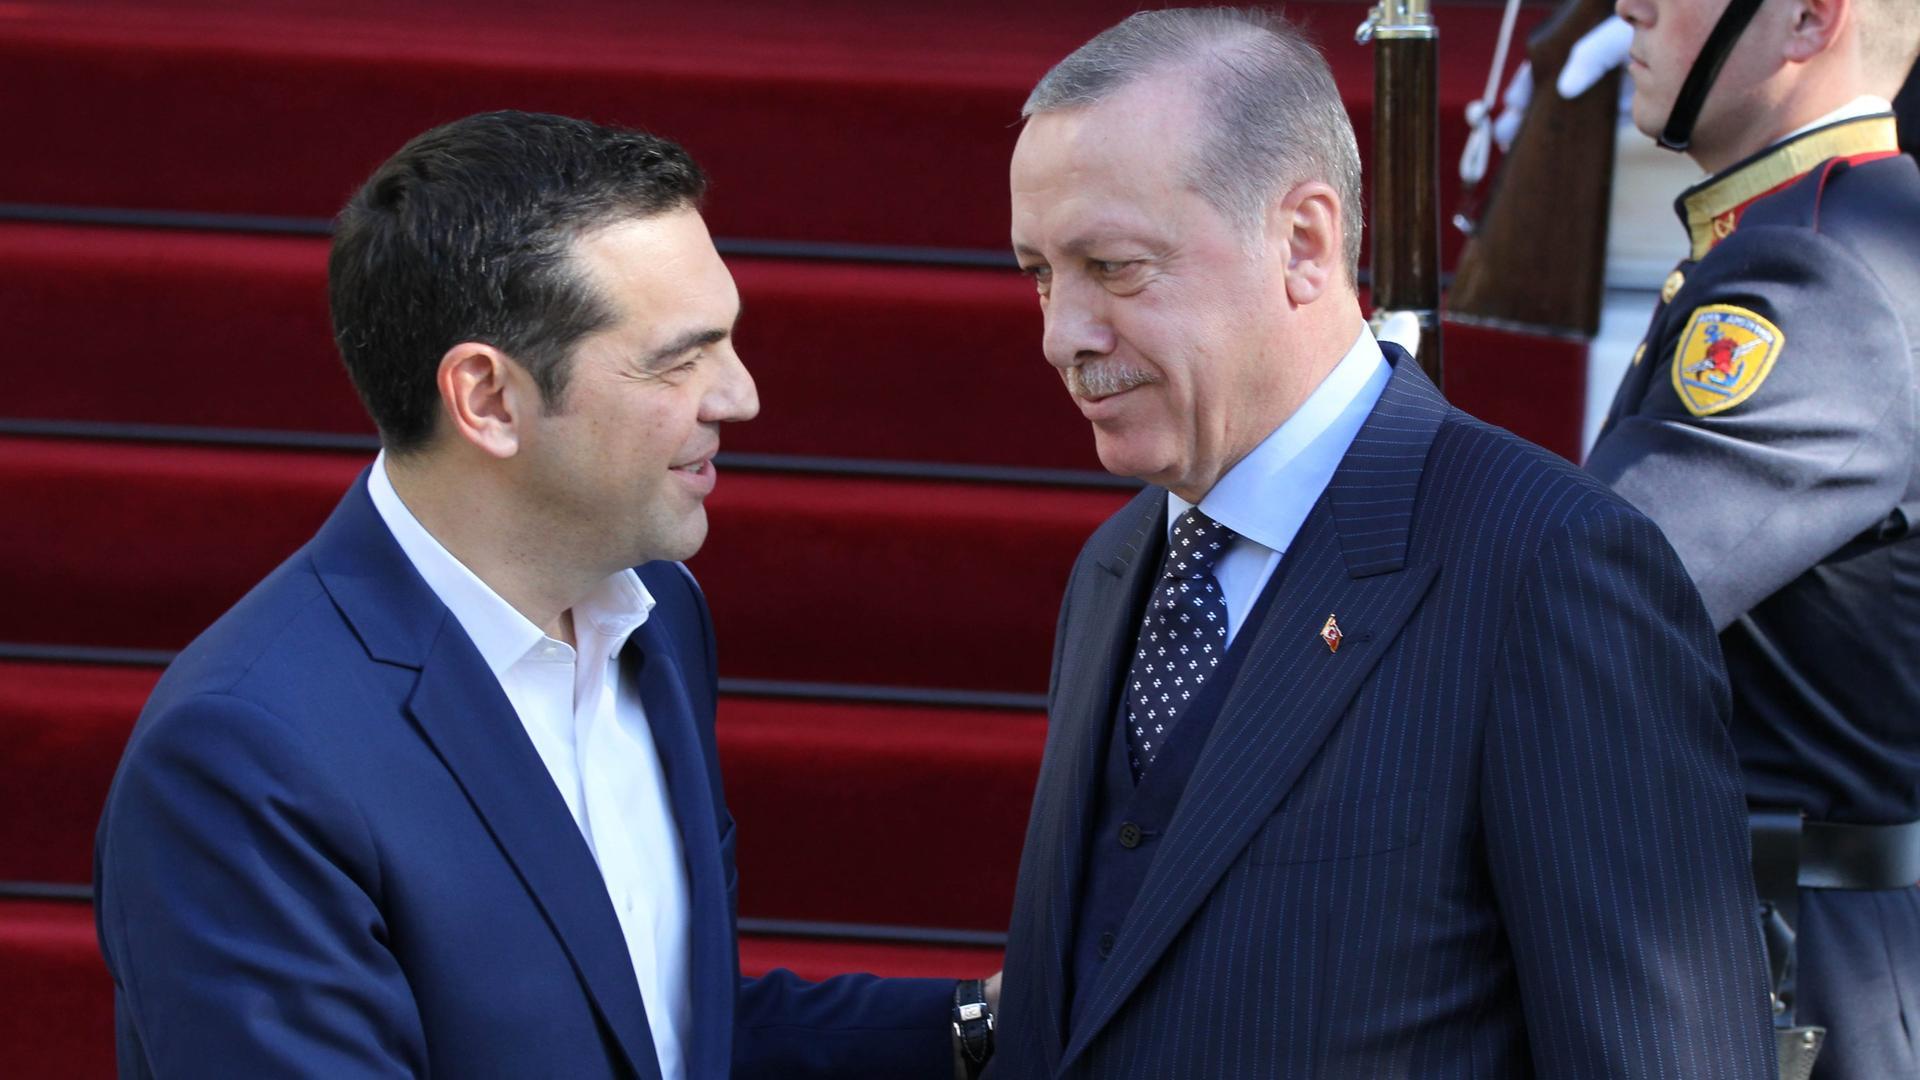 Tsipras,Erdoğan meeting on NATO Summit sidelines in Brussels